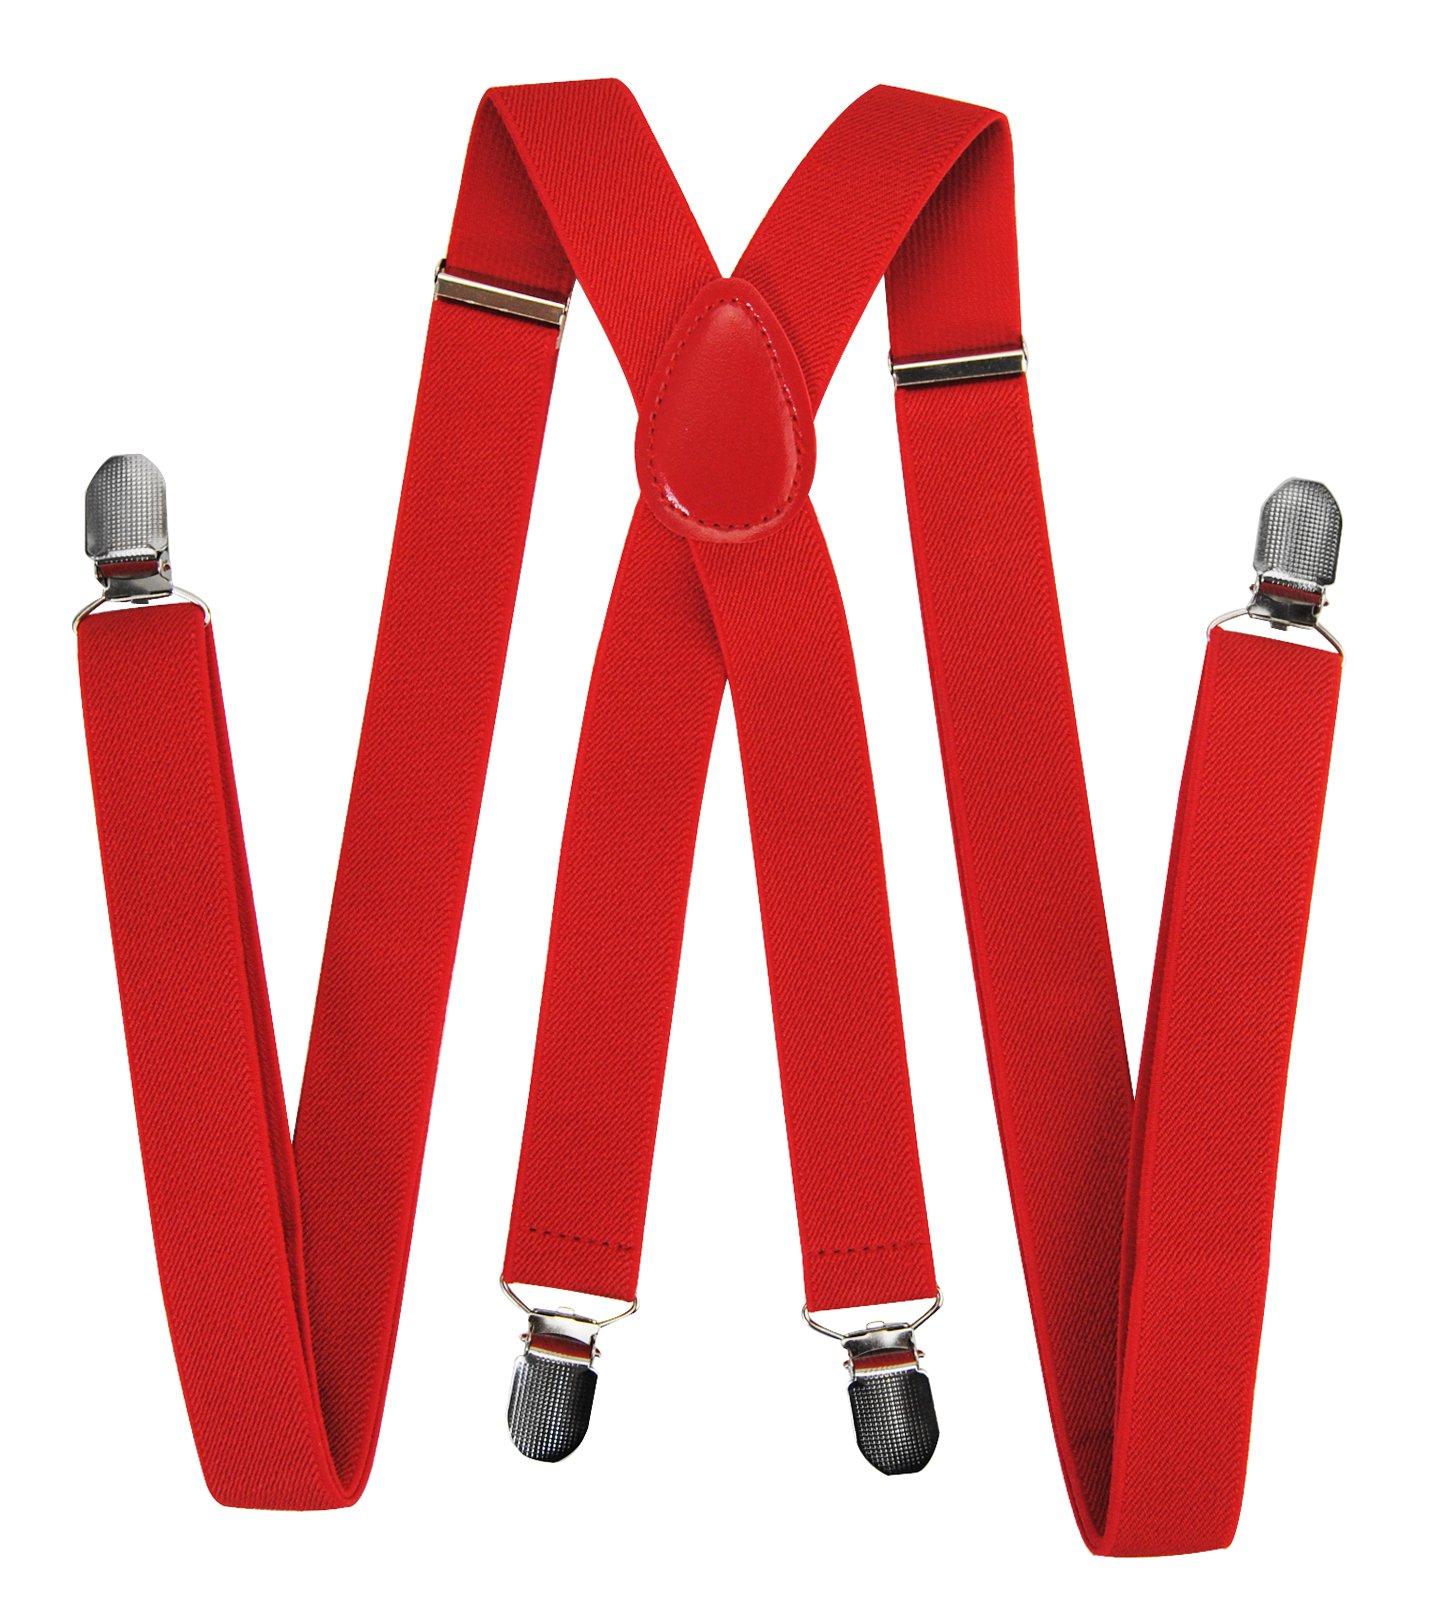 Bretelle con clip a forma di X